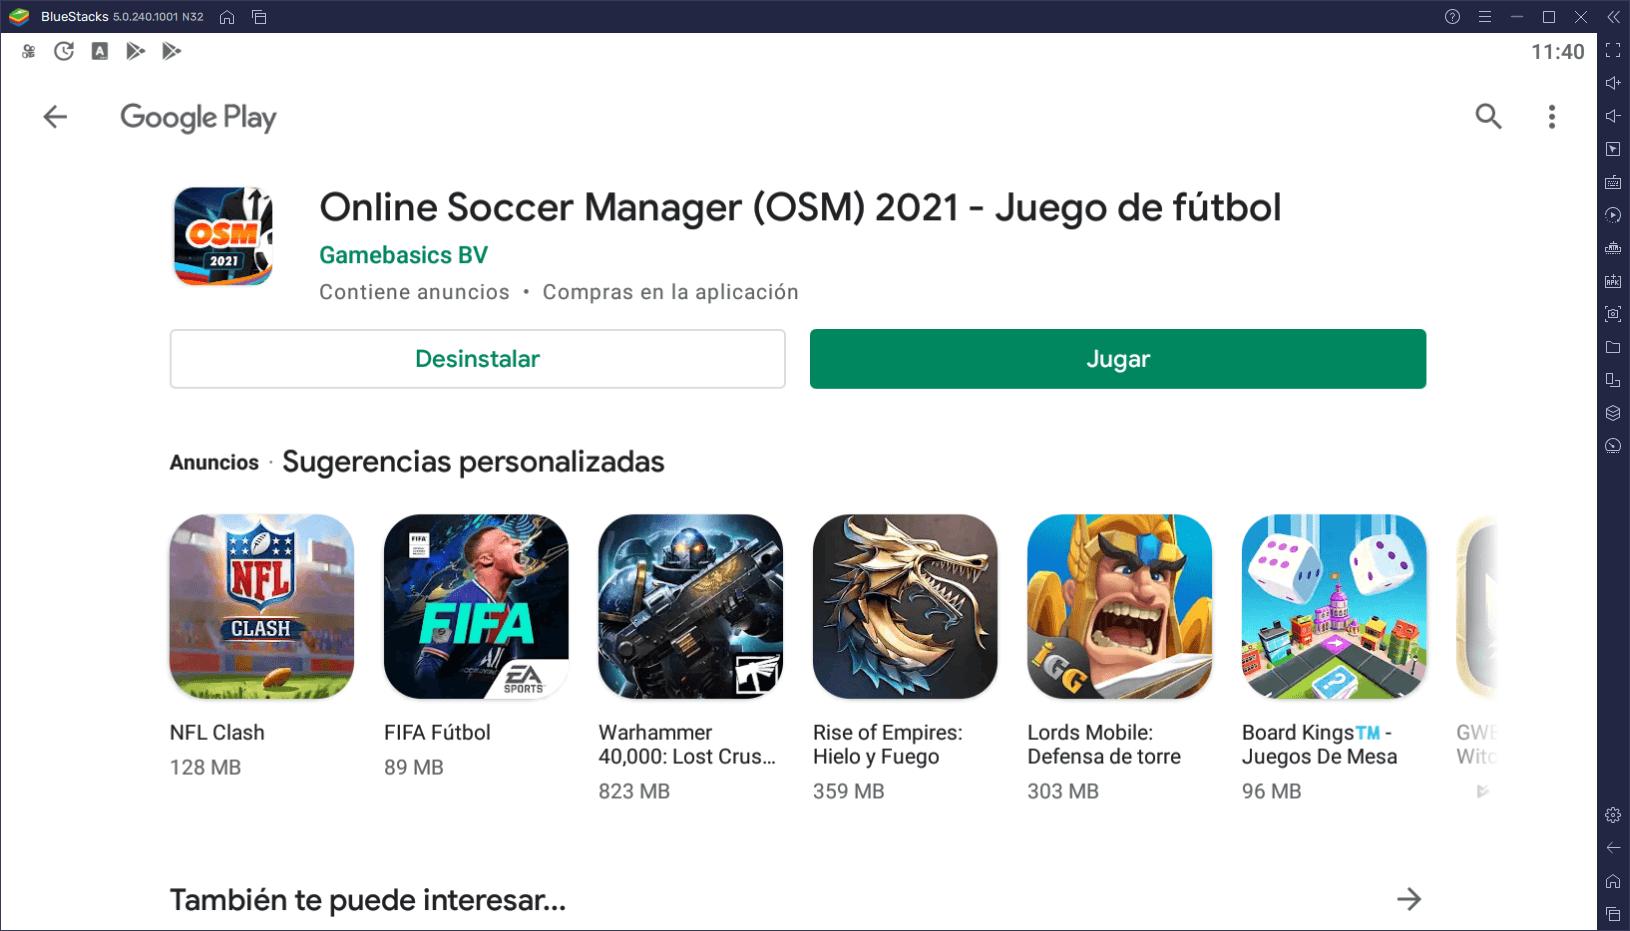 Cómo Instalar y Jugar Online Soccer Manager 20/21 en PC con BlueStacks